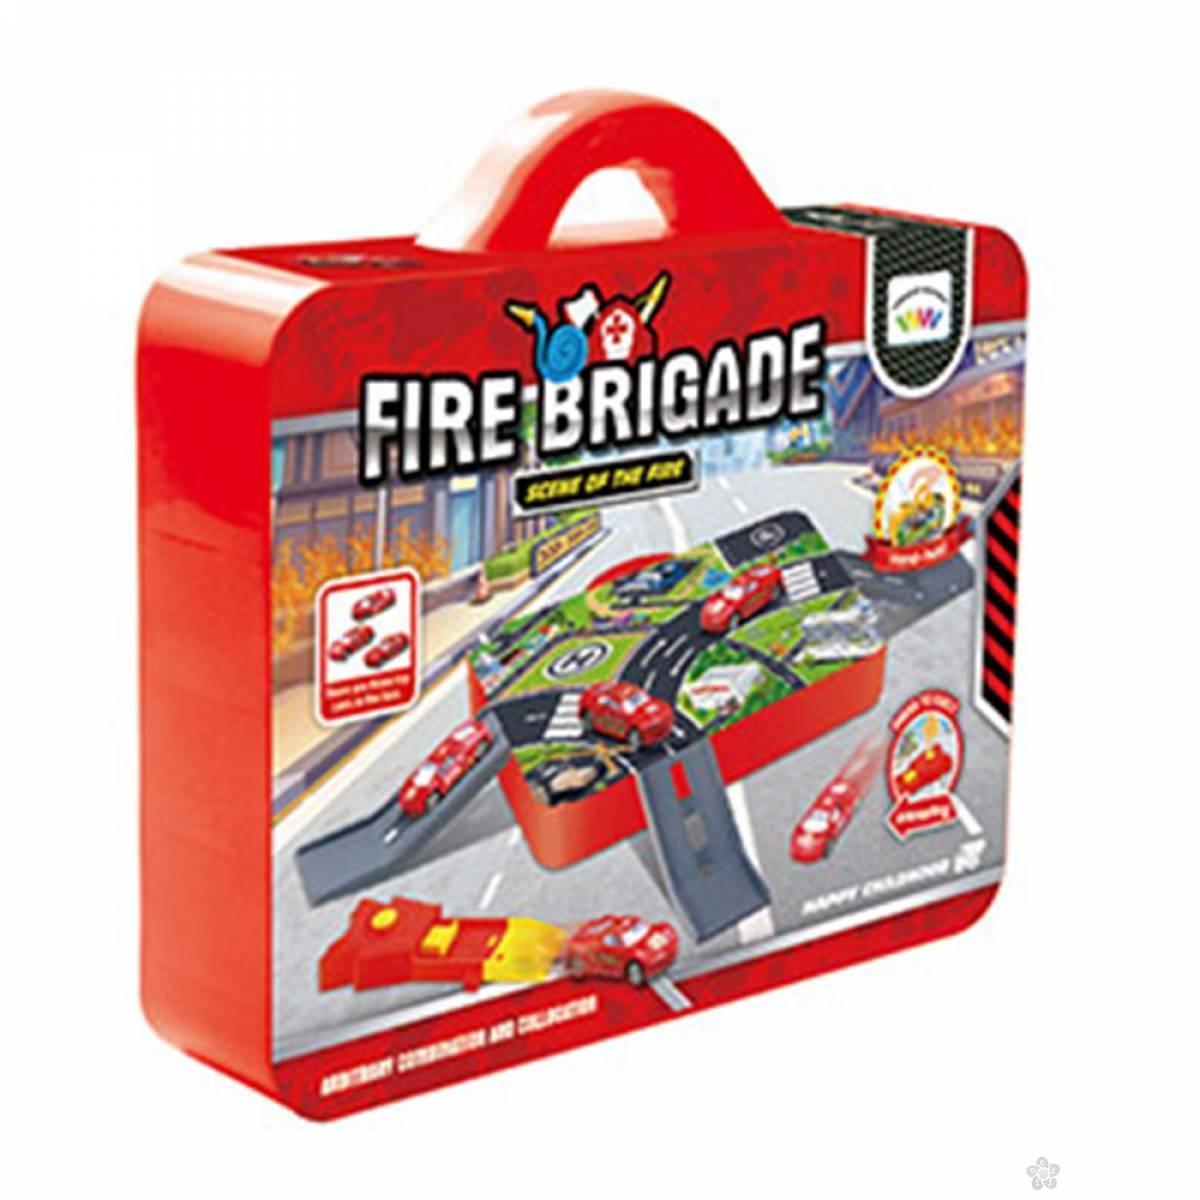 Vatrogasni Poligon Set U Koferu 0268449